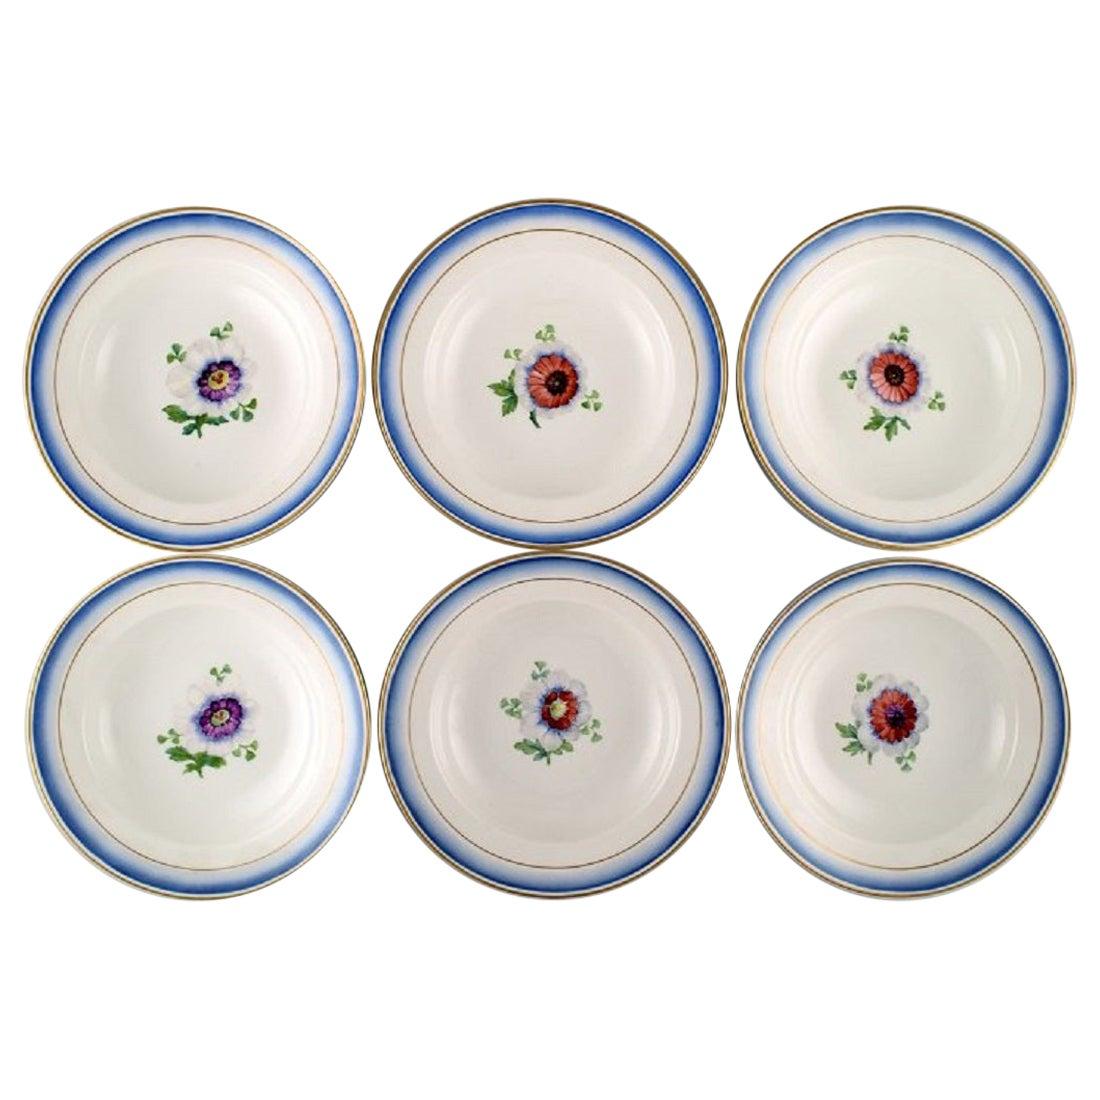 Six Antique Royal Copenhagen Deep Plates in Hand Painted Porcelain